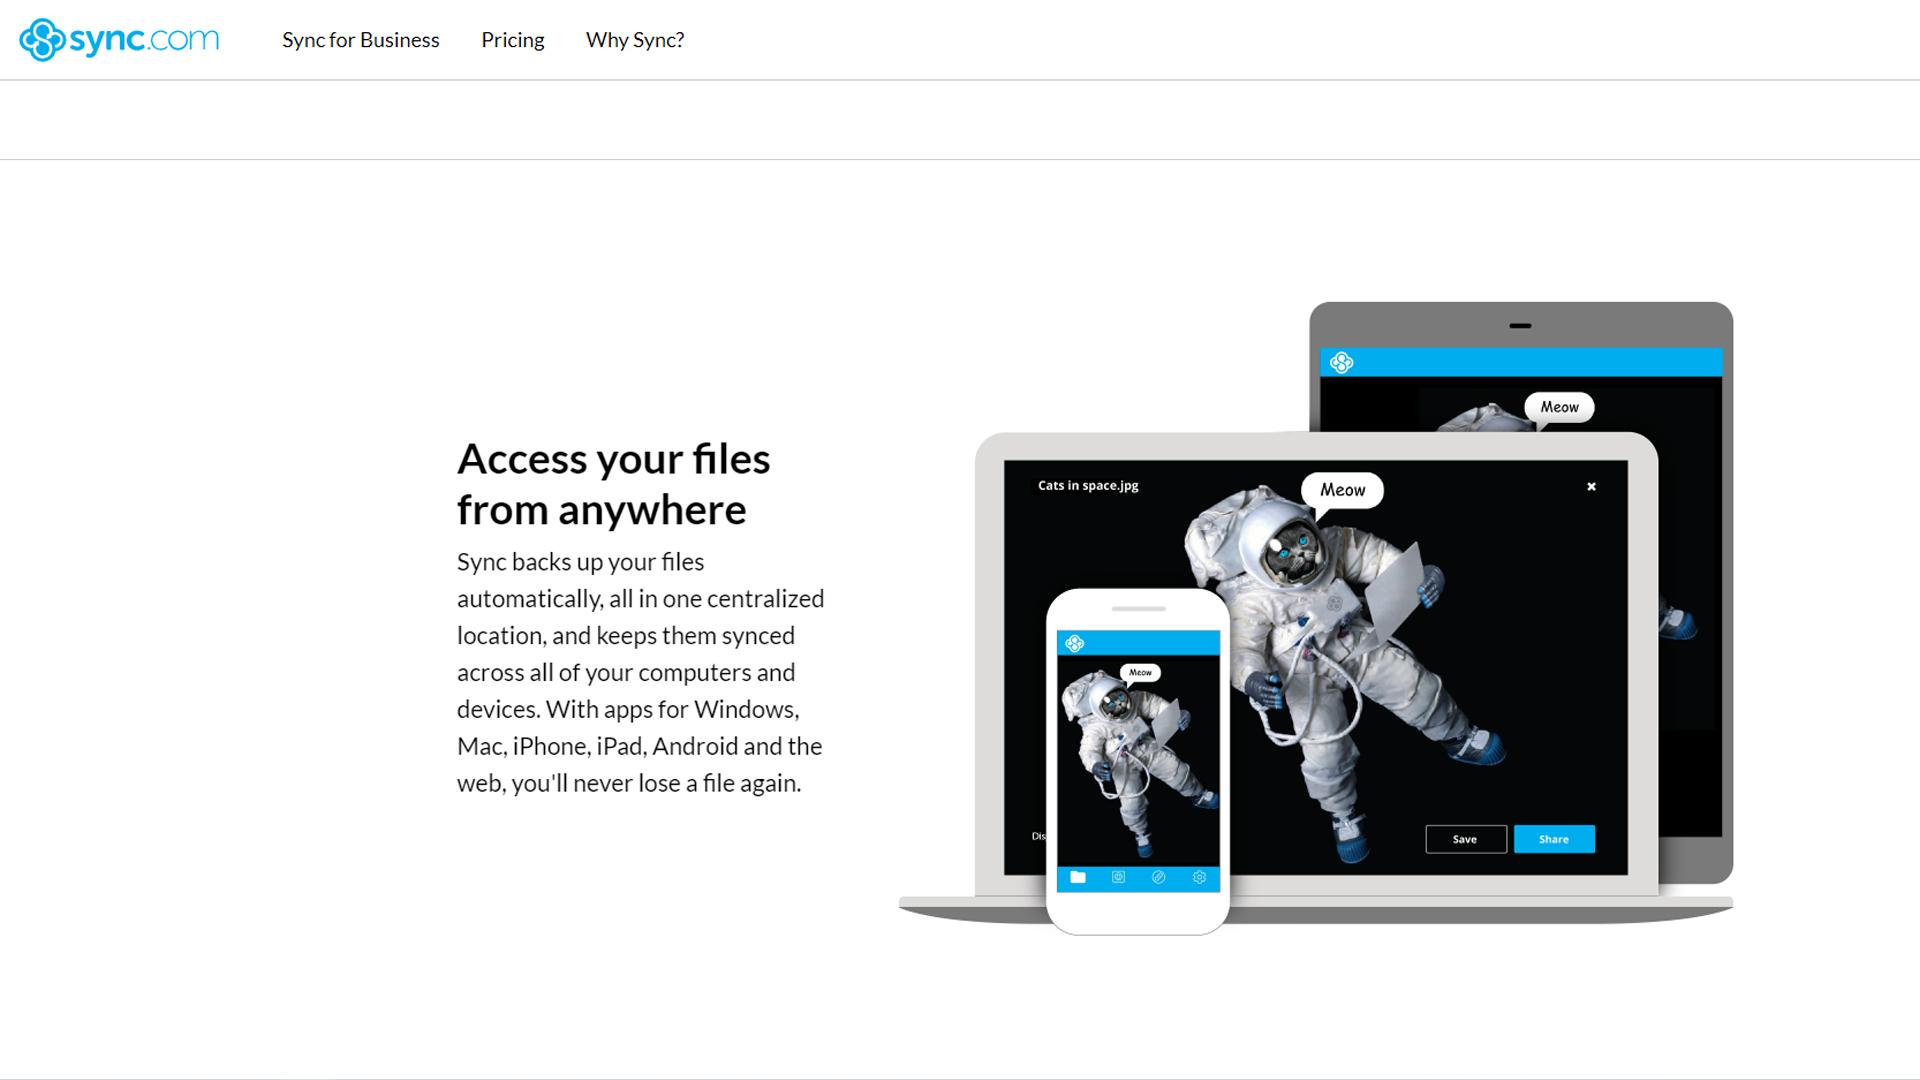 Sync.com's homepage